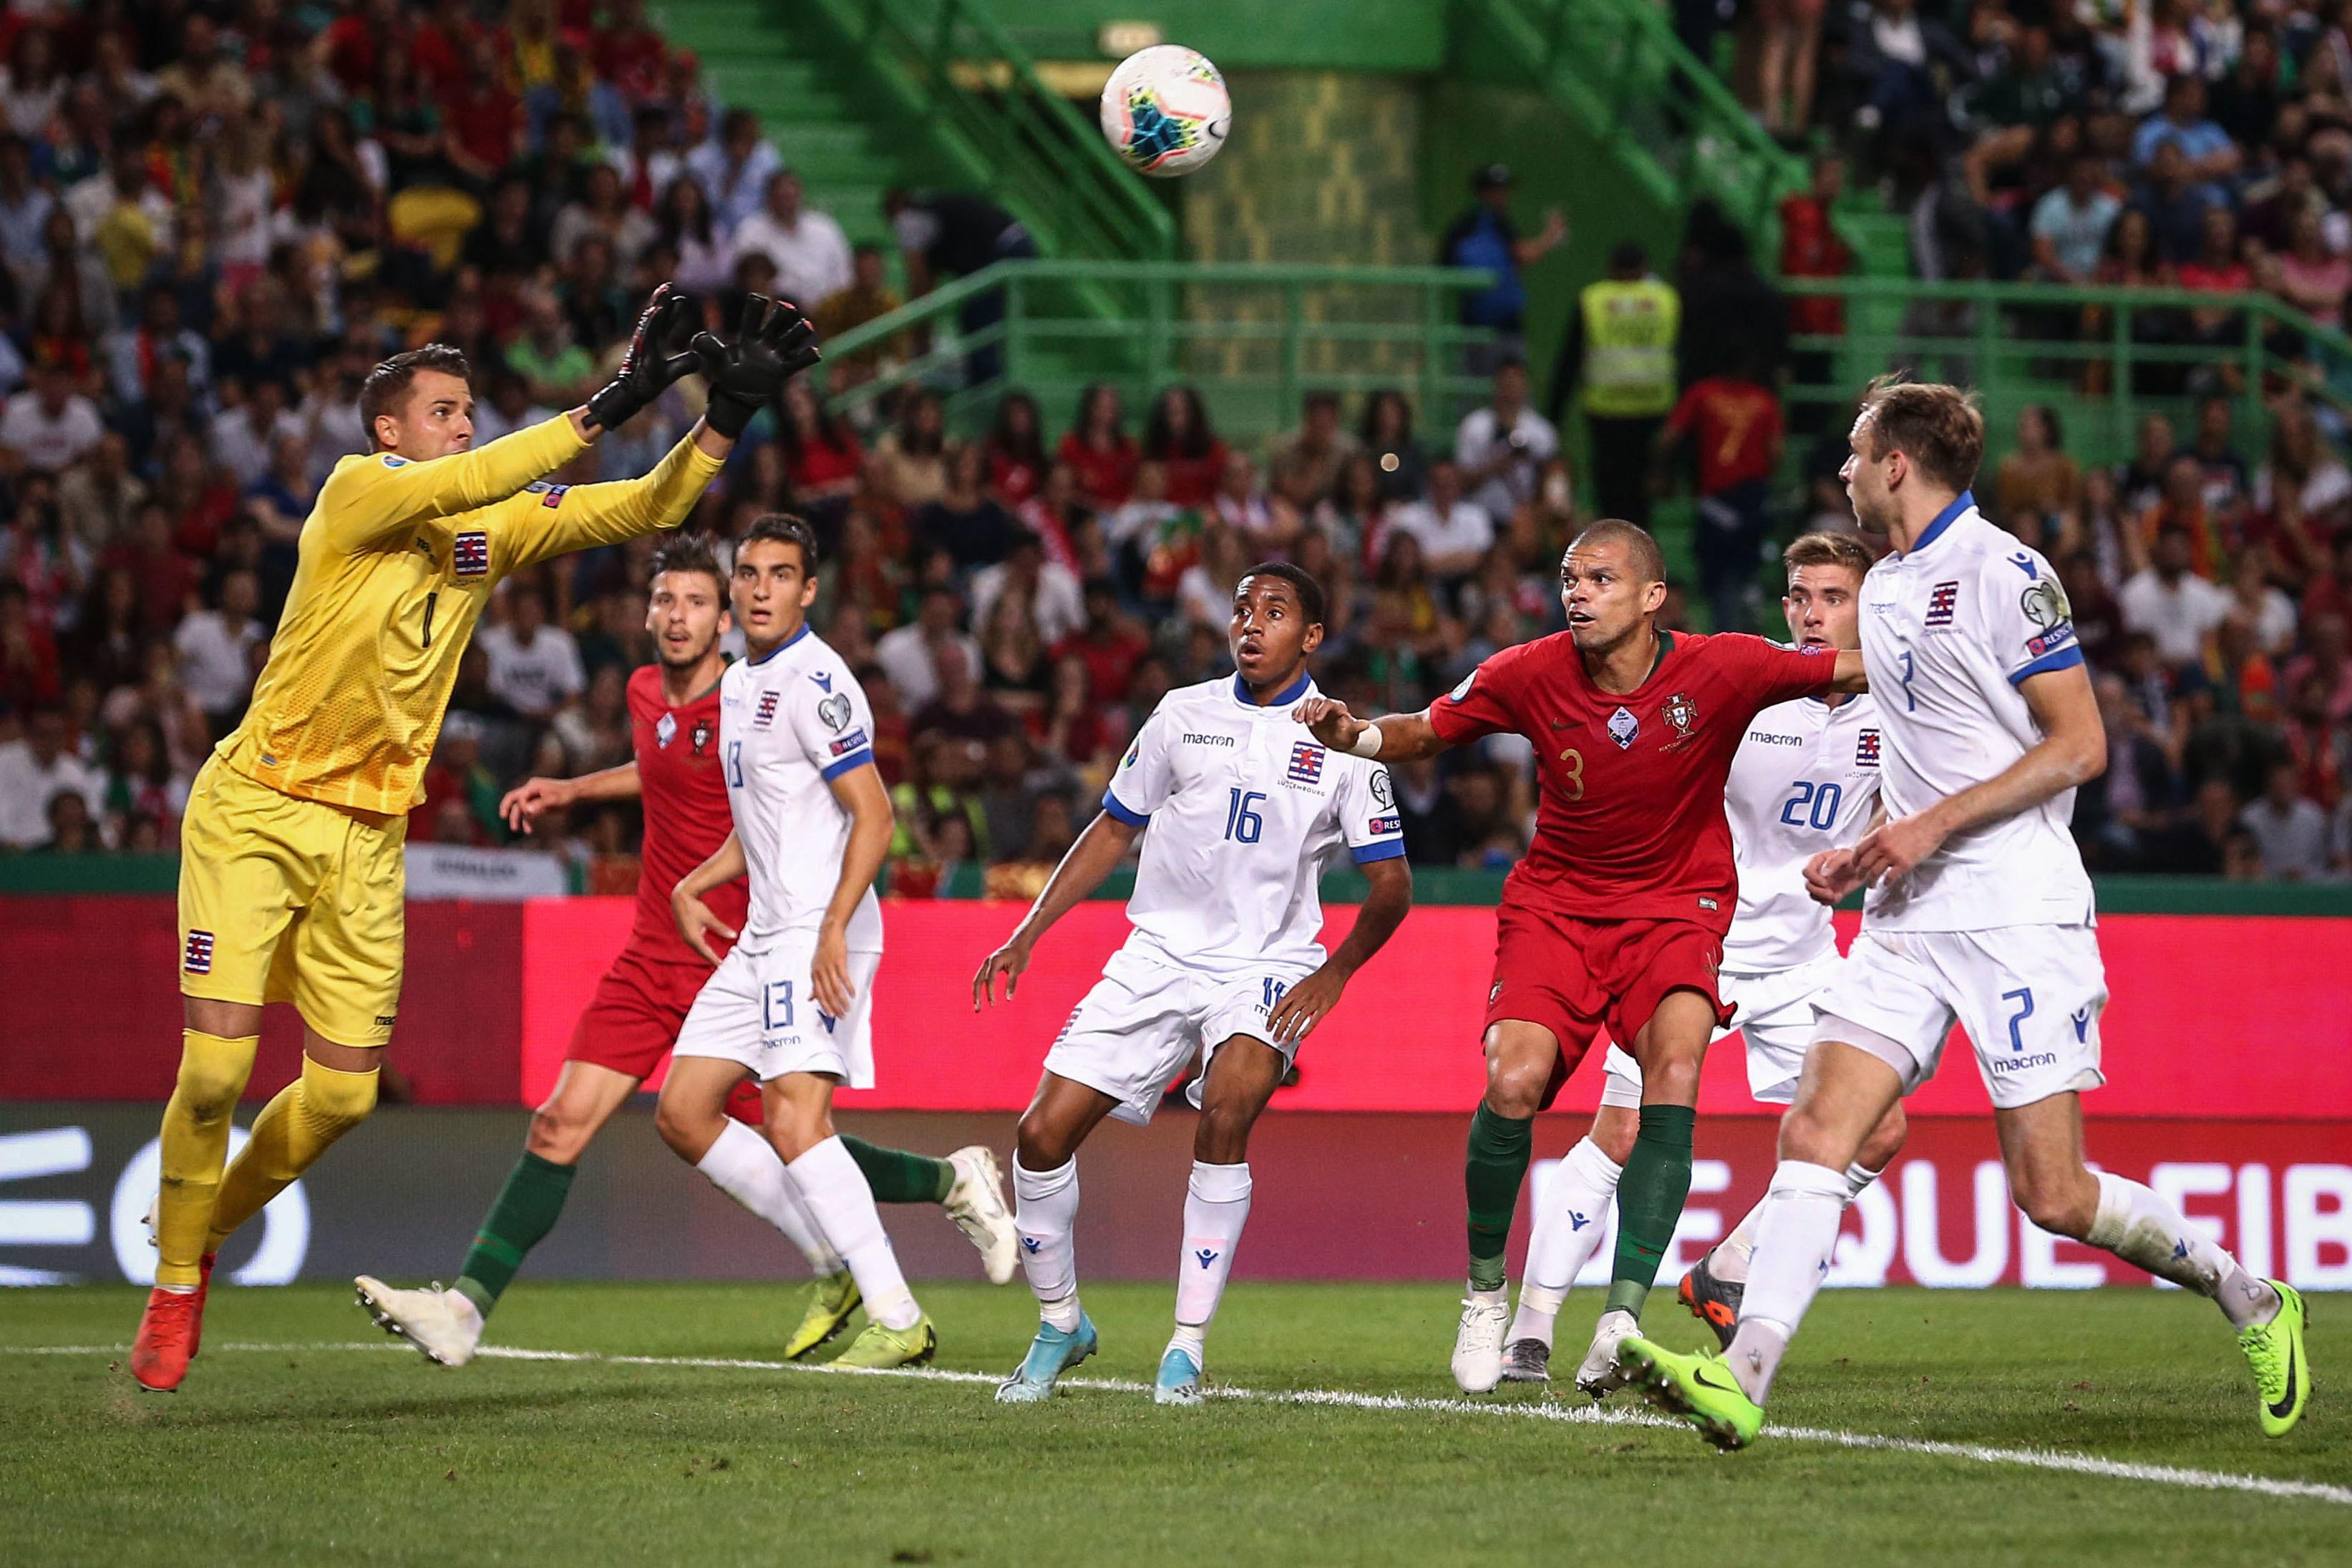 Portugal e mais quatro seleções podem garantir apuramento ao Euro2020. Já há quatro apuradas